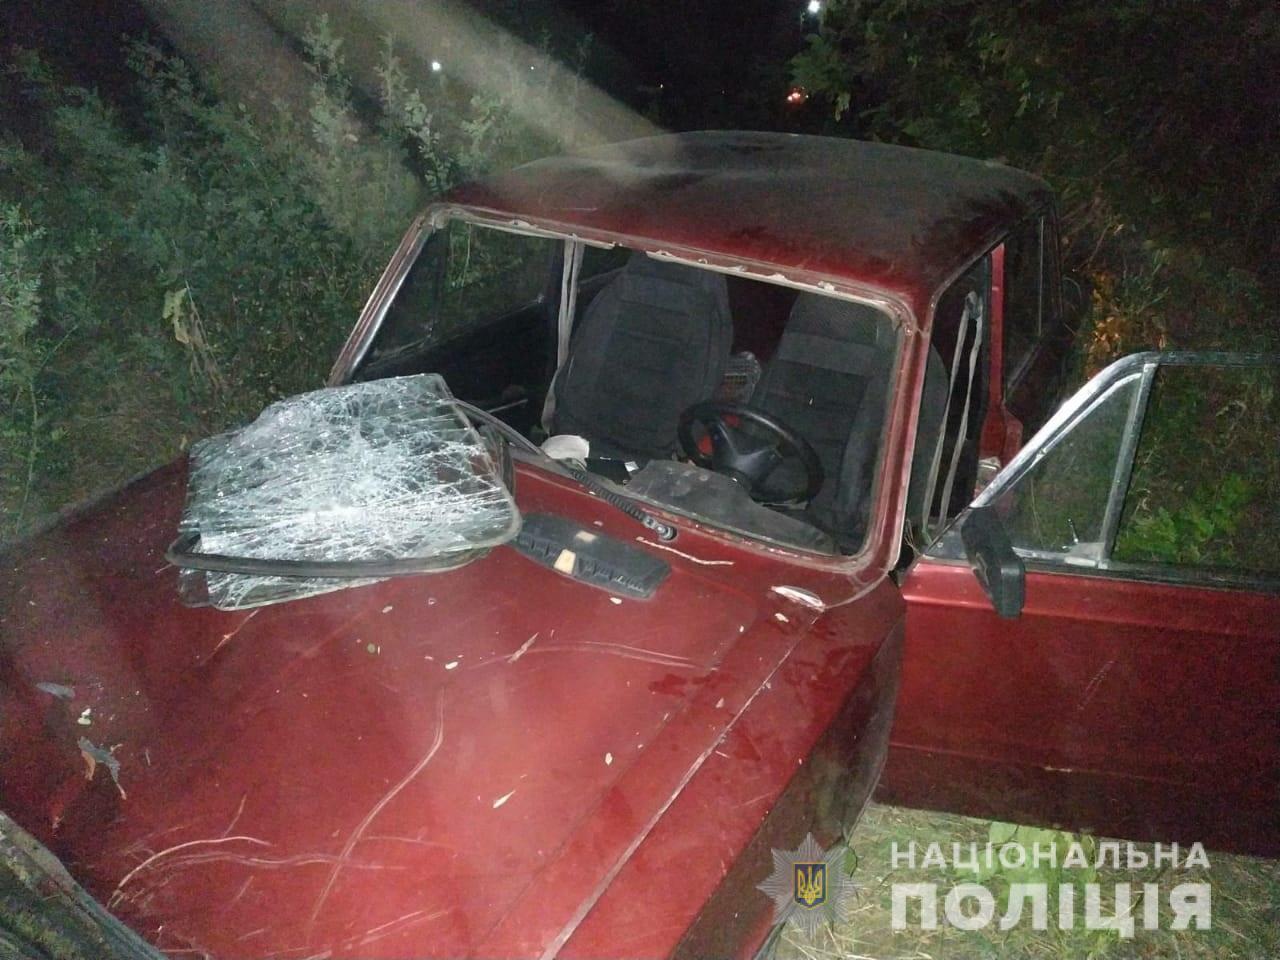 Медики рассказали подробности о состоянии подростков, пострадавших в ДТП на Харьковщине